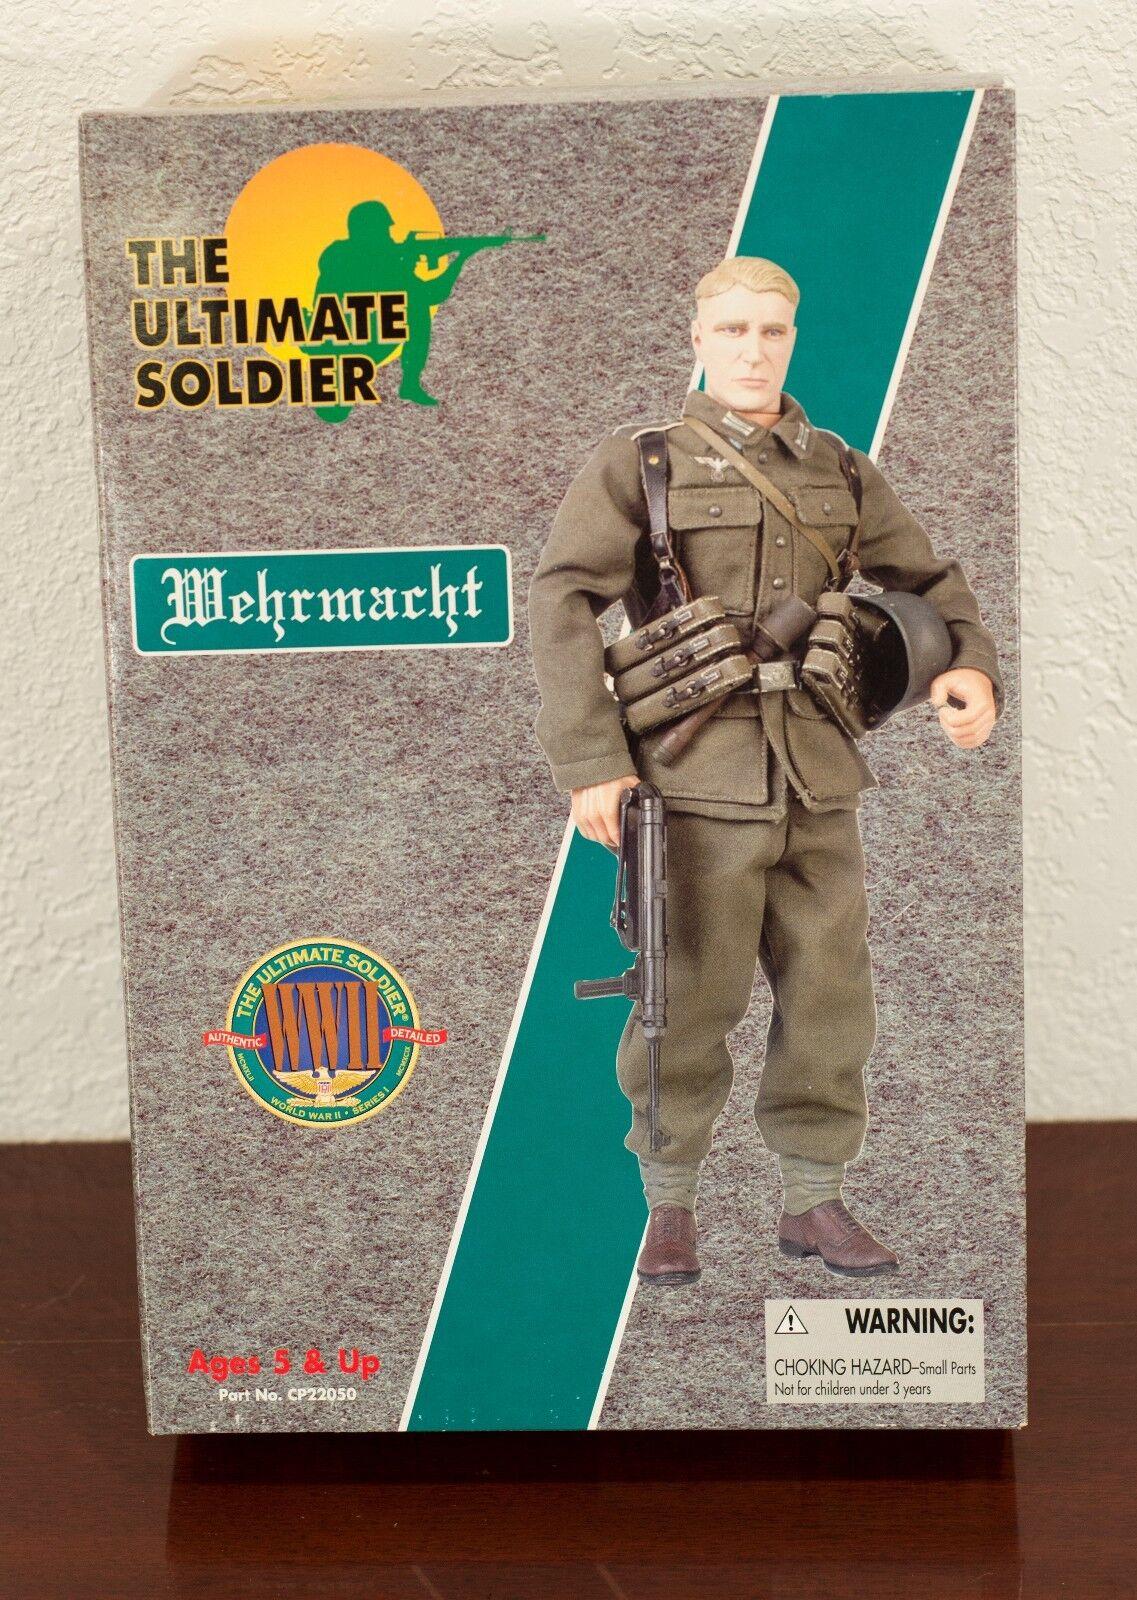 1999 el soldado definitivo Segunda Guerra Mundial Wehrmacht alemana figura de acción sin usar, en Caja